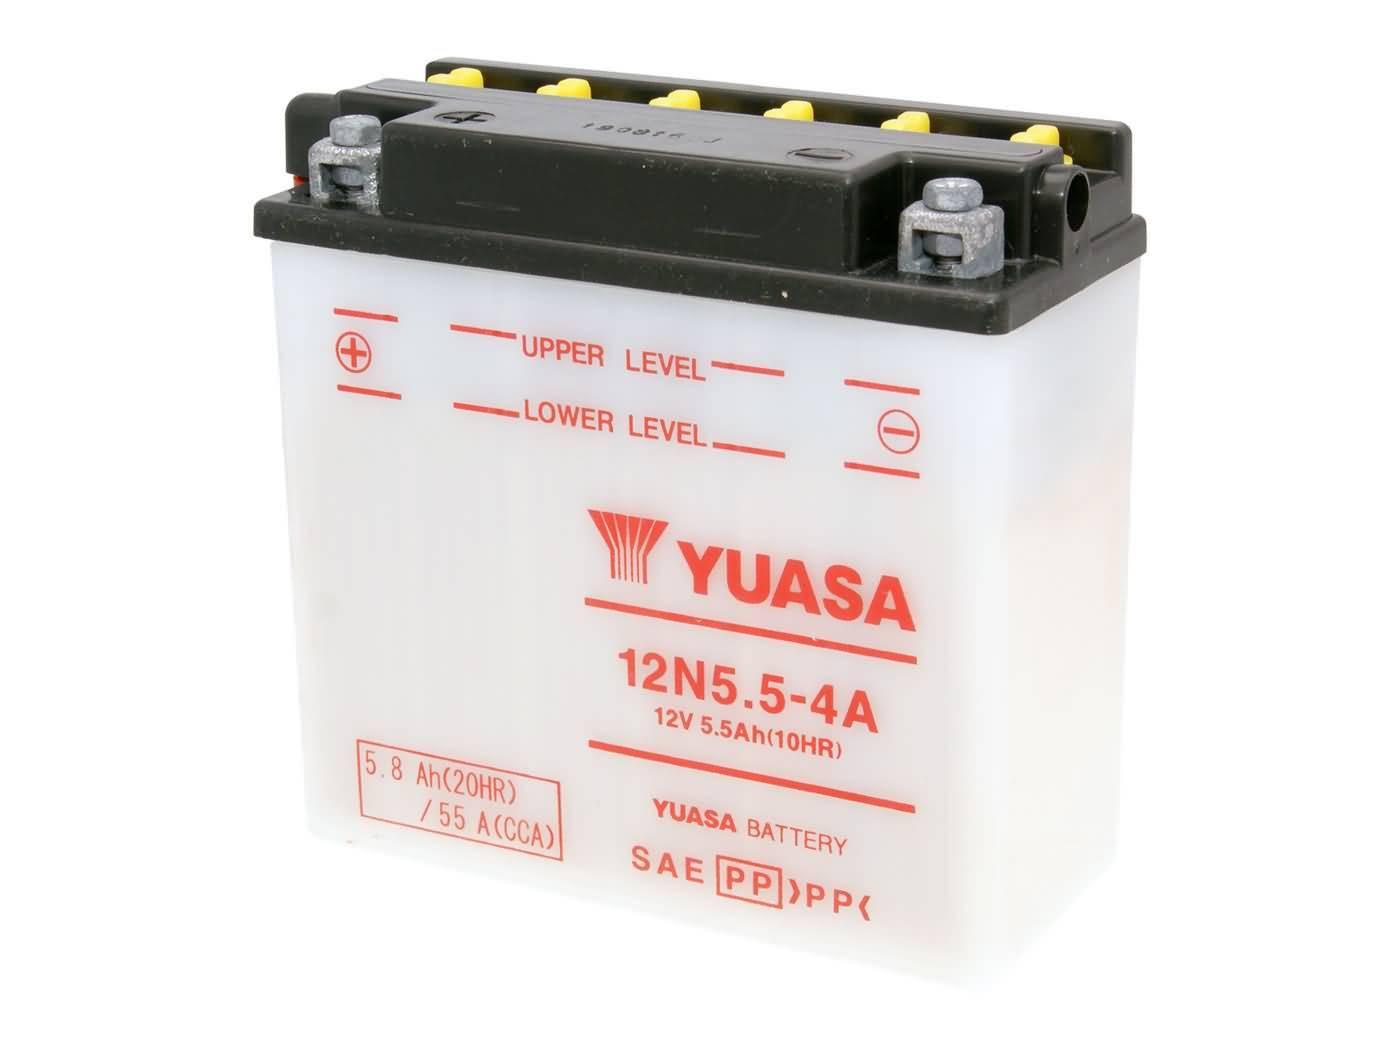 Yuasa 12N5.5-4A akkumulátor - savcsomag nélkül